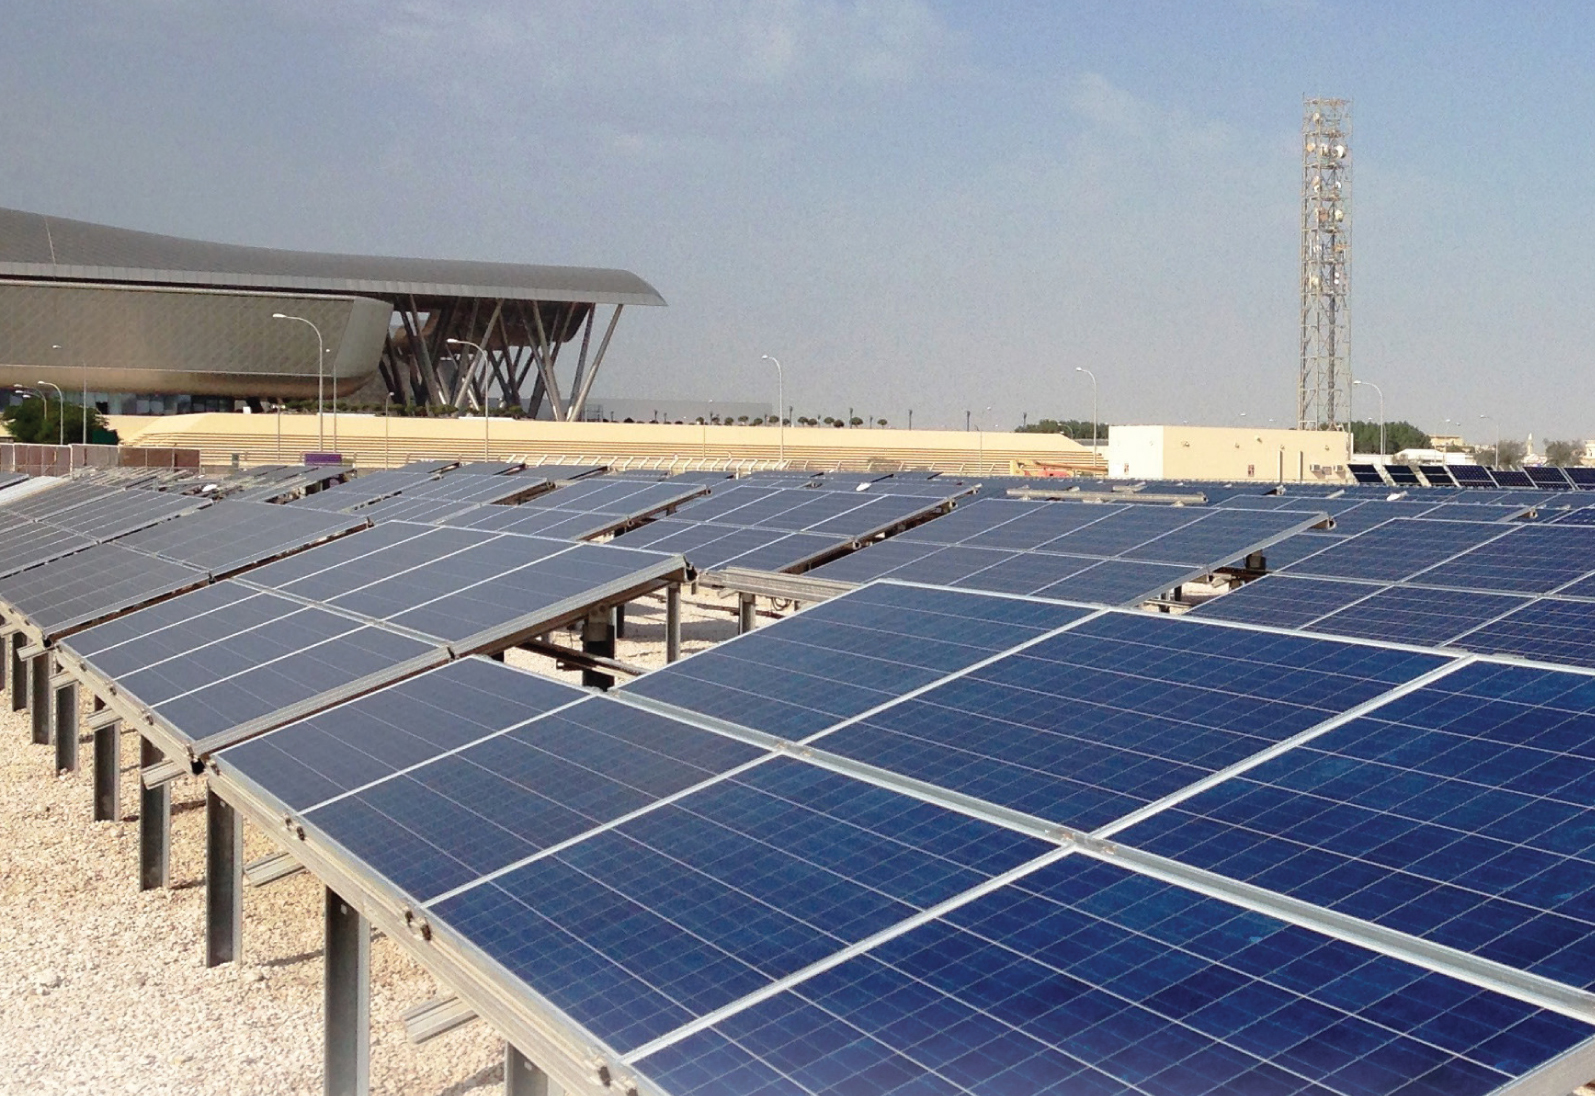 مركز الطاقة بمعهد قطر لبحوث البيئة والطاقة يطلق أول أطلس...